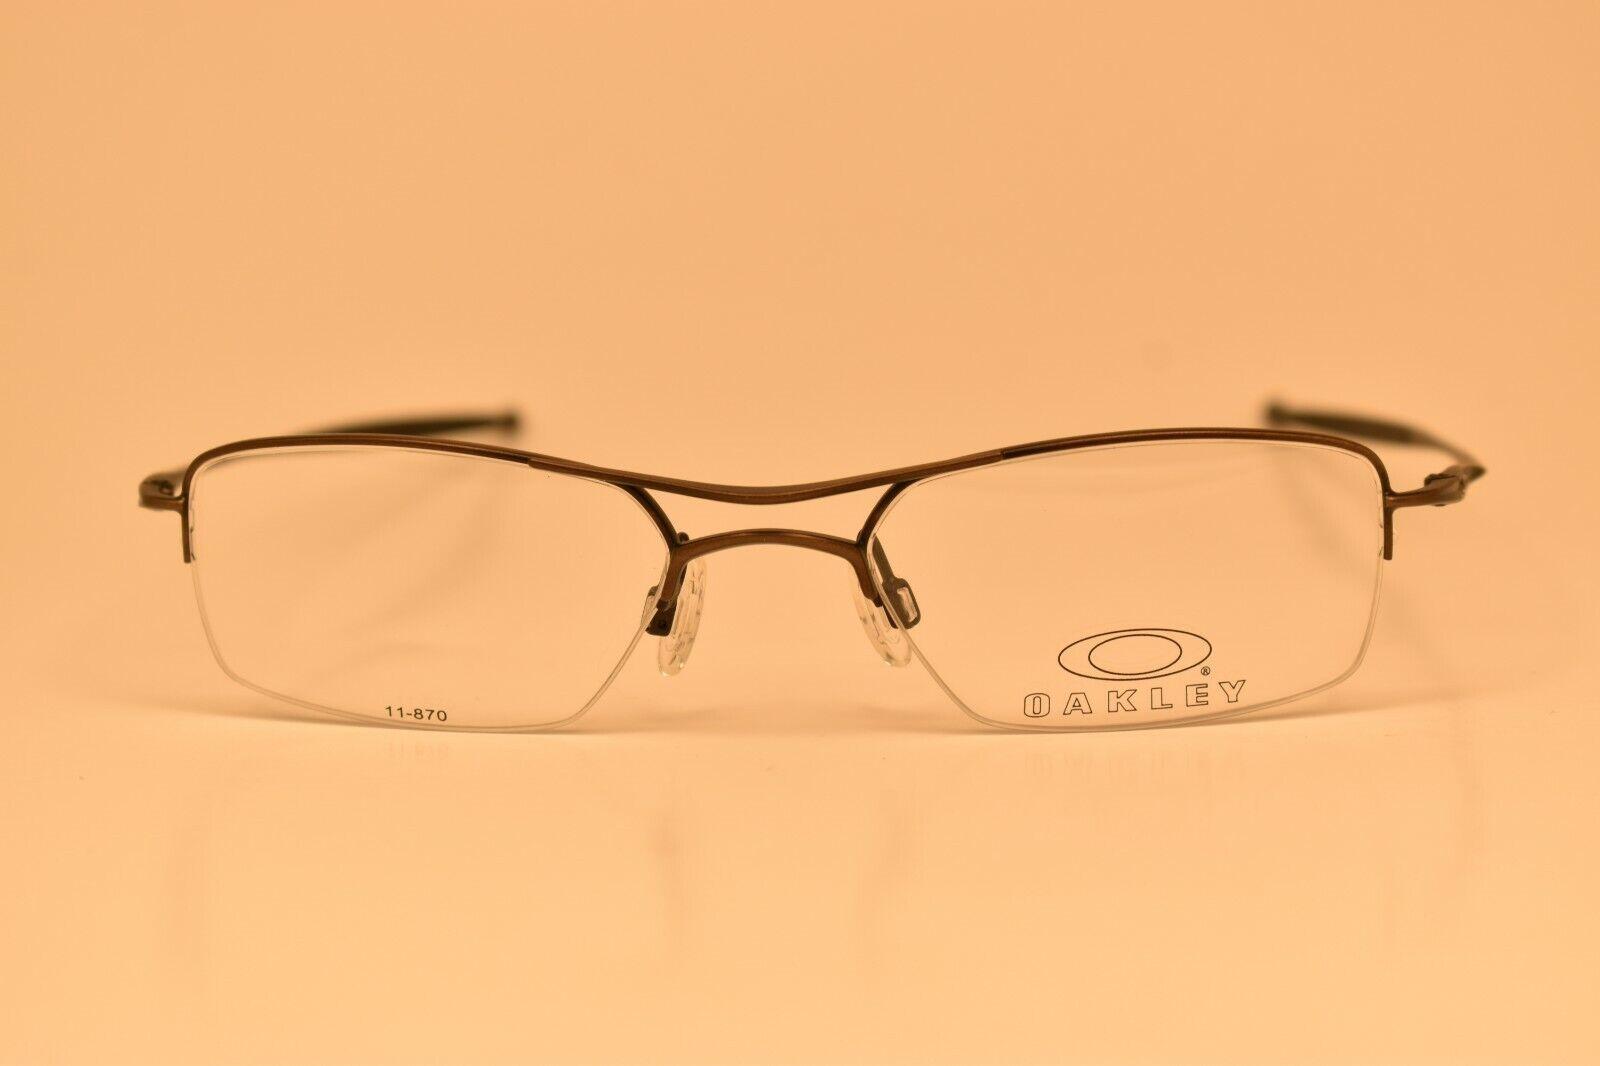 men s oakley gunmetal gray rx prescription eye glasses frames eyeglasses frame